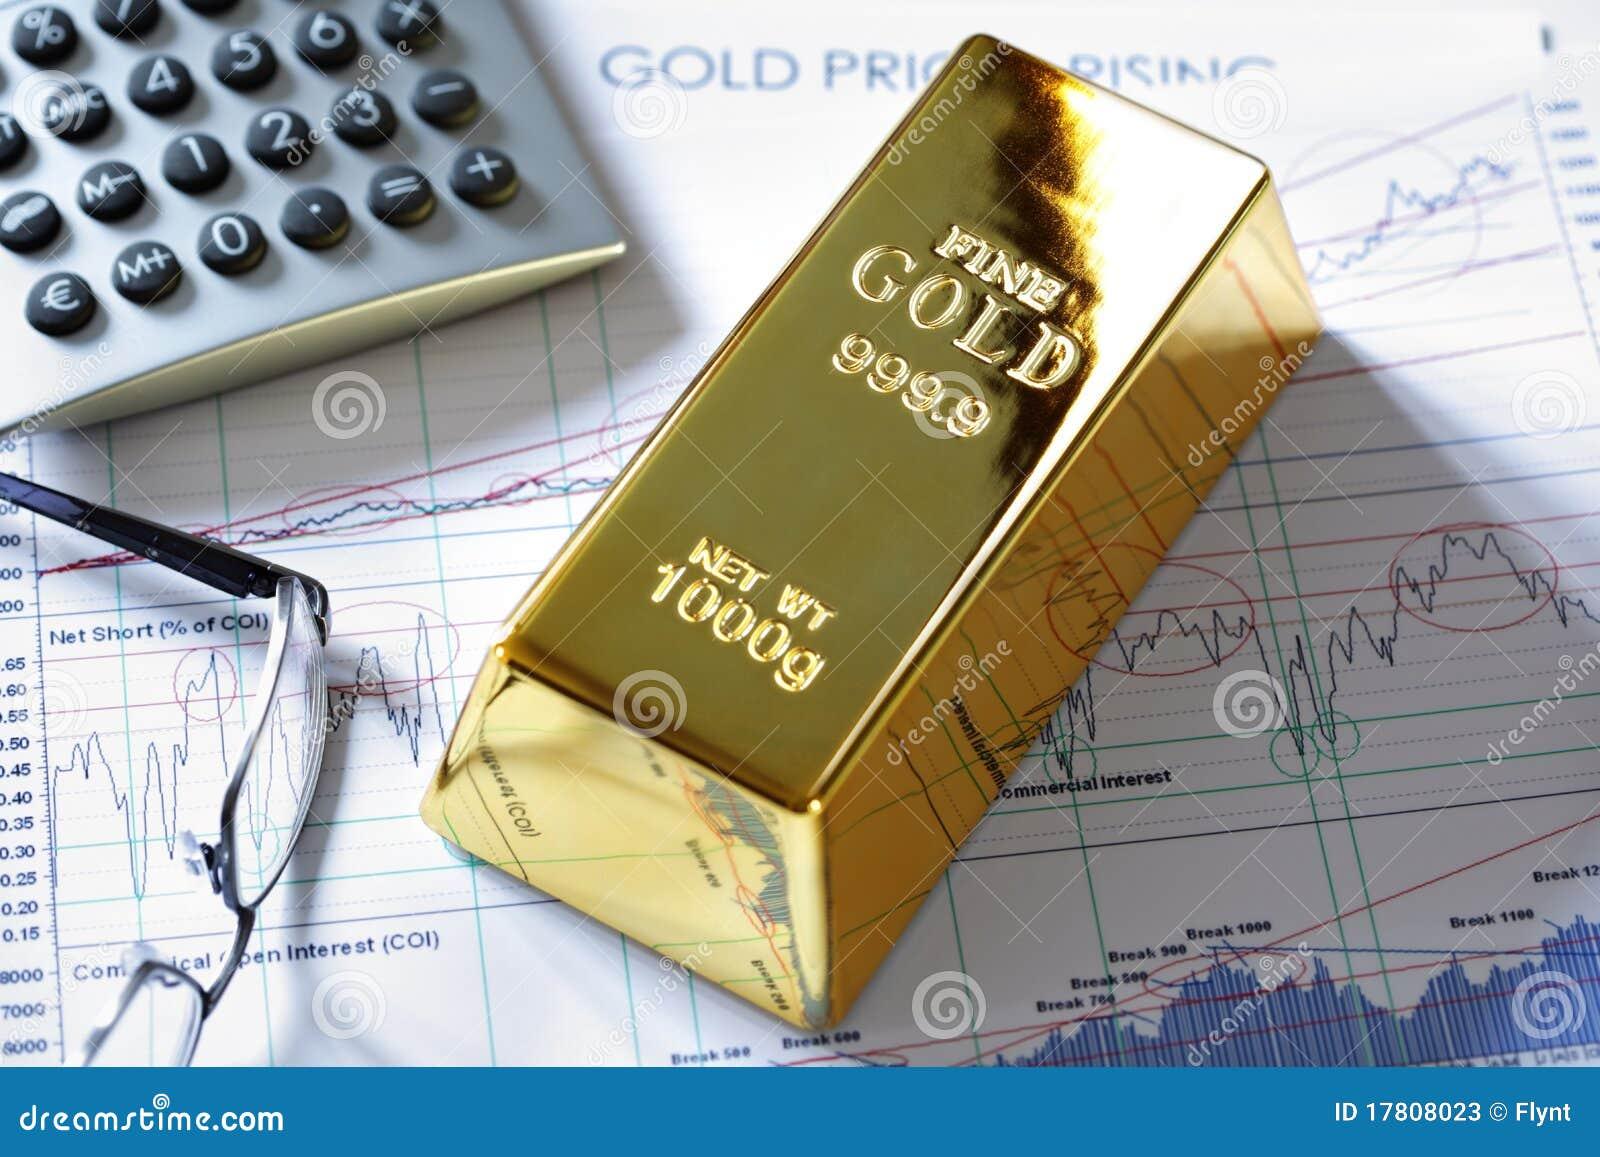 gold bullion bar on a stocks and shares chart stock photos